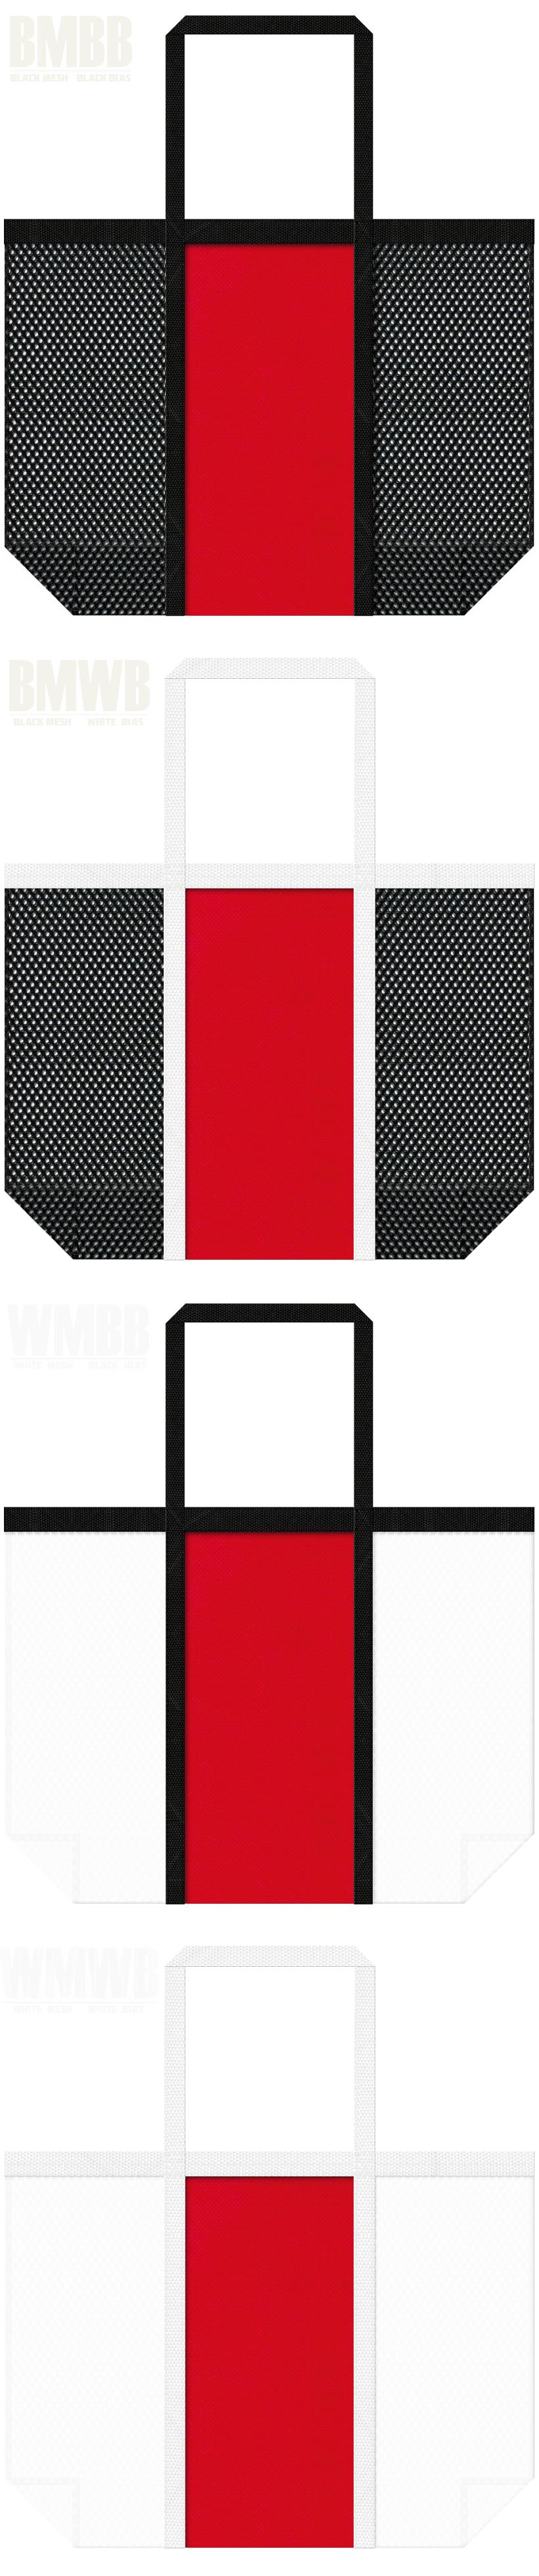 台形型メッシュバッグのカラーシミュレーション:黒色・白色メッシュと紅色不織布の組み合わせ